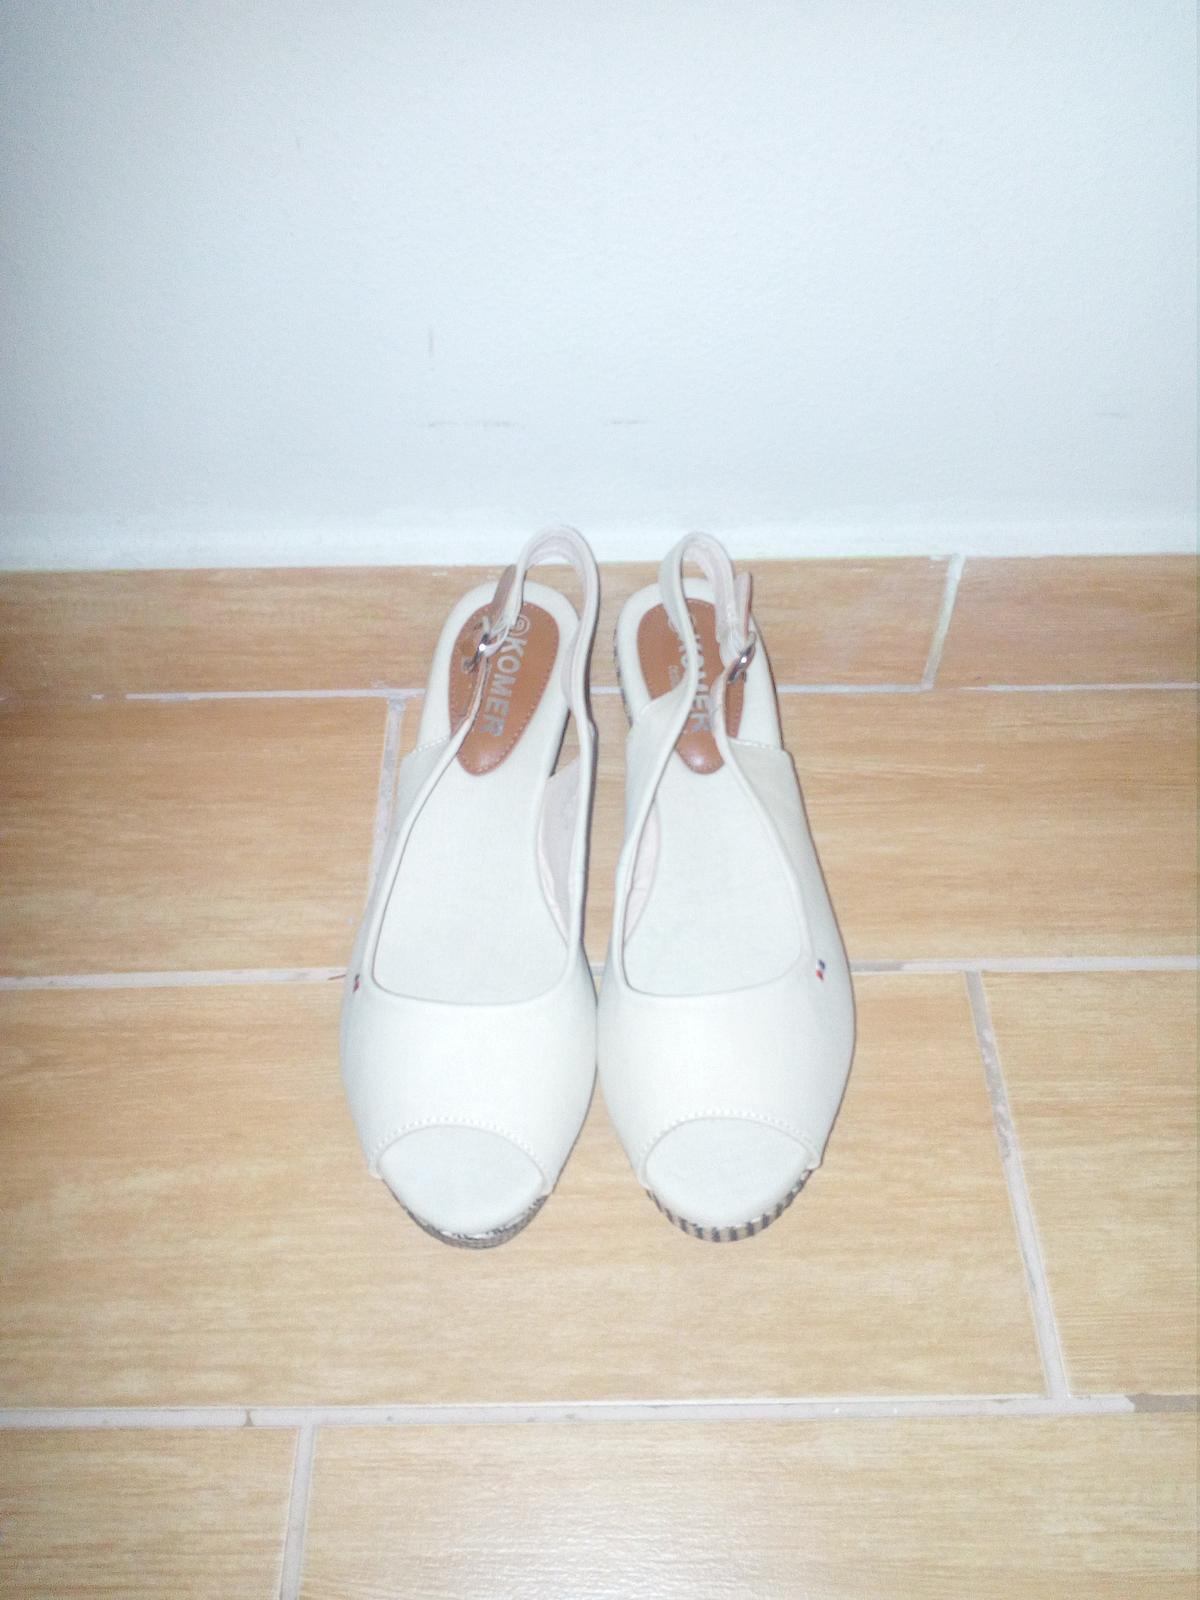 Dámske sandale - Obrázok č. 3